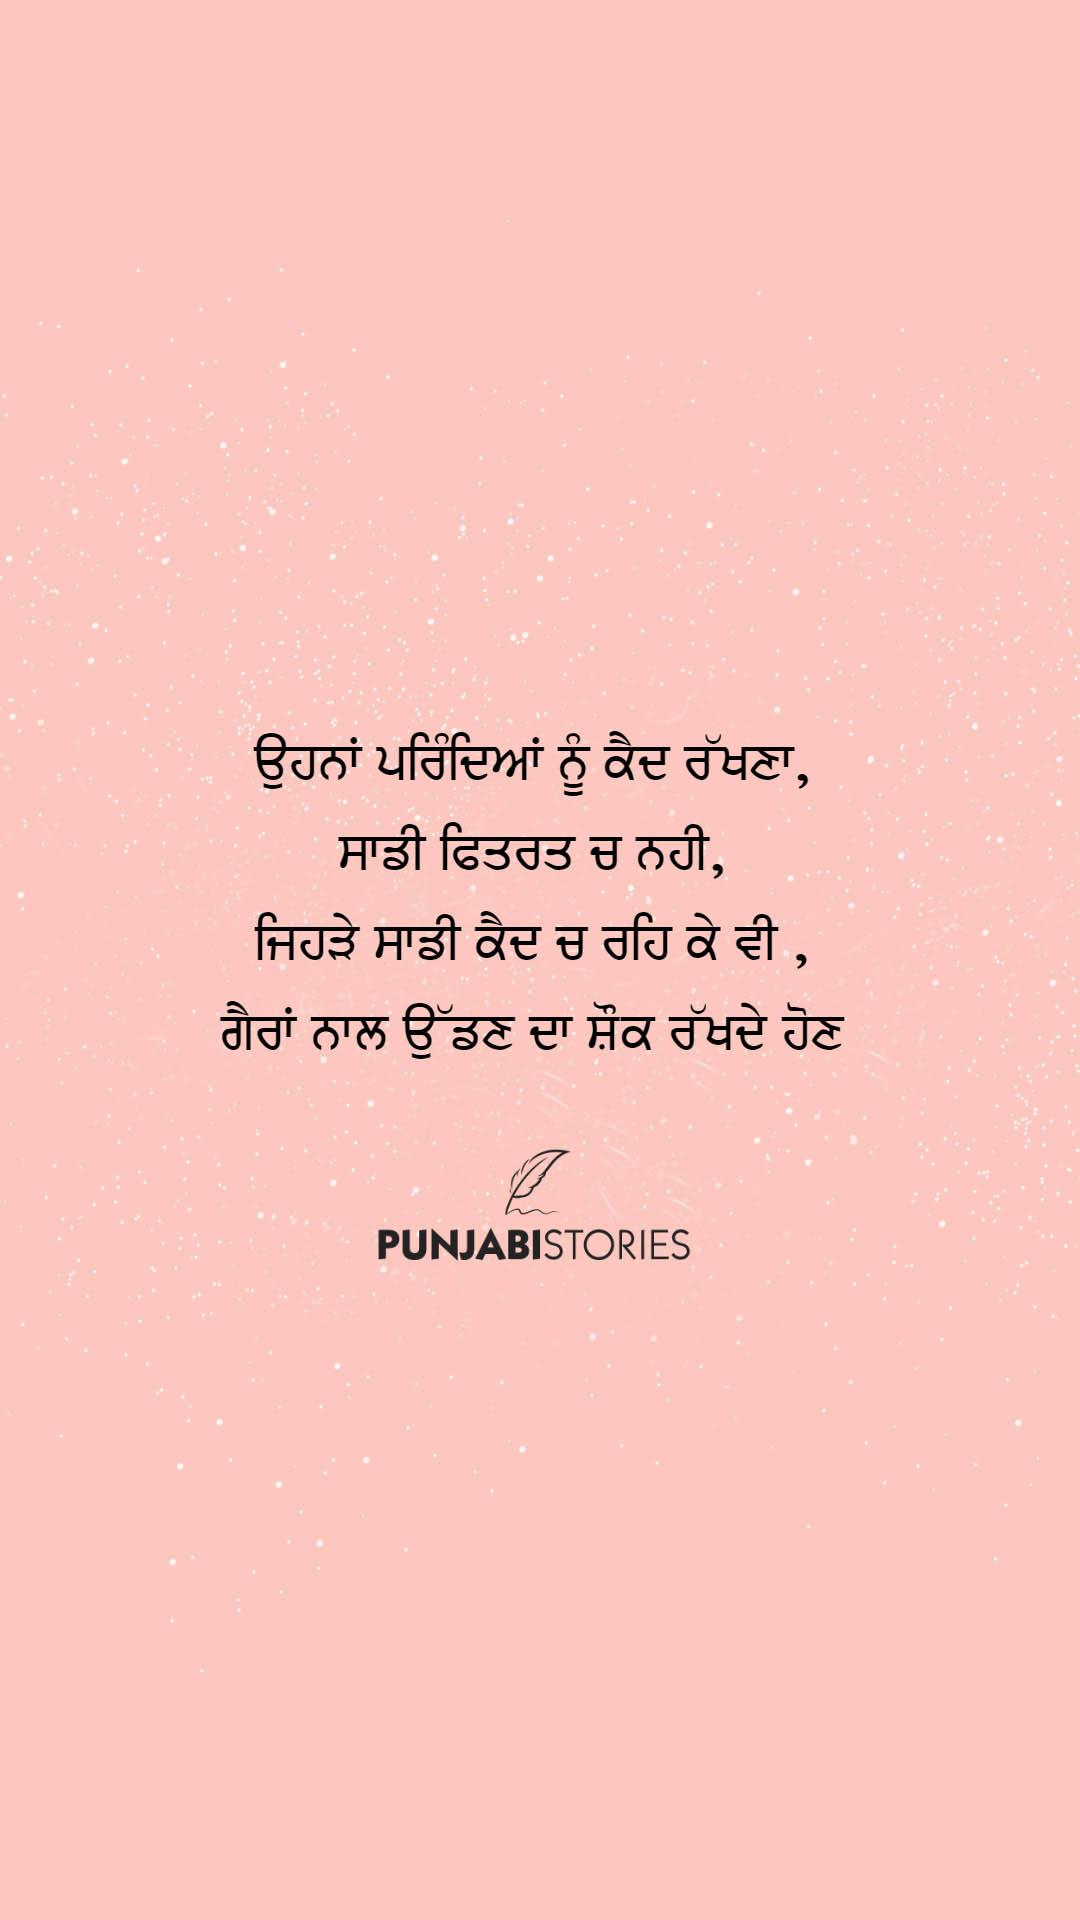 ਅੱਗ punjabi status, attitude quotes in punjabi